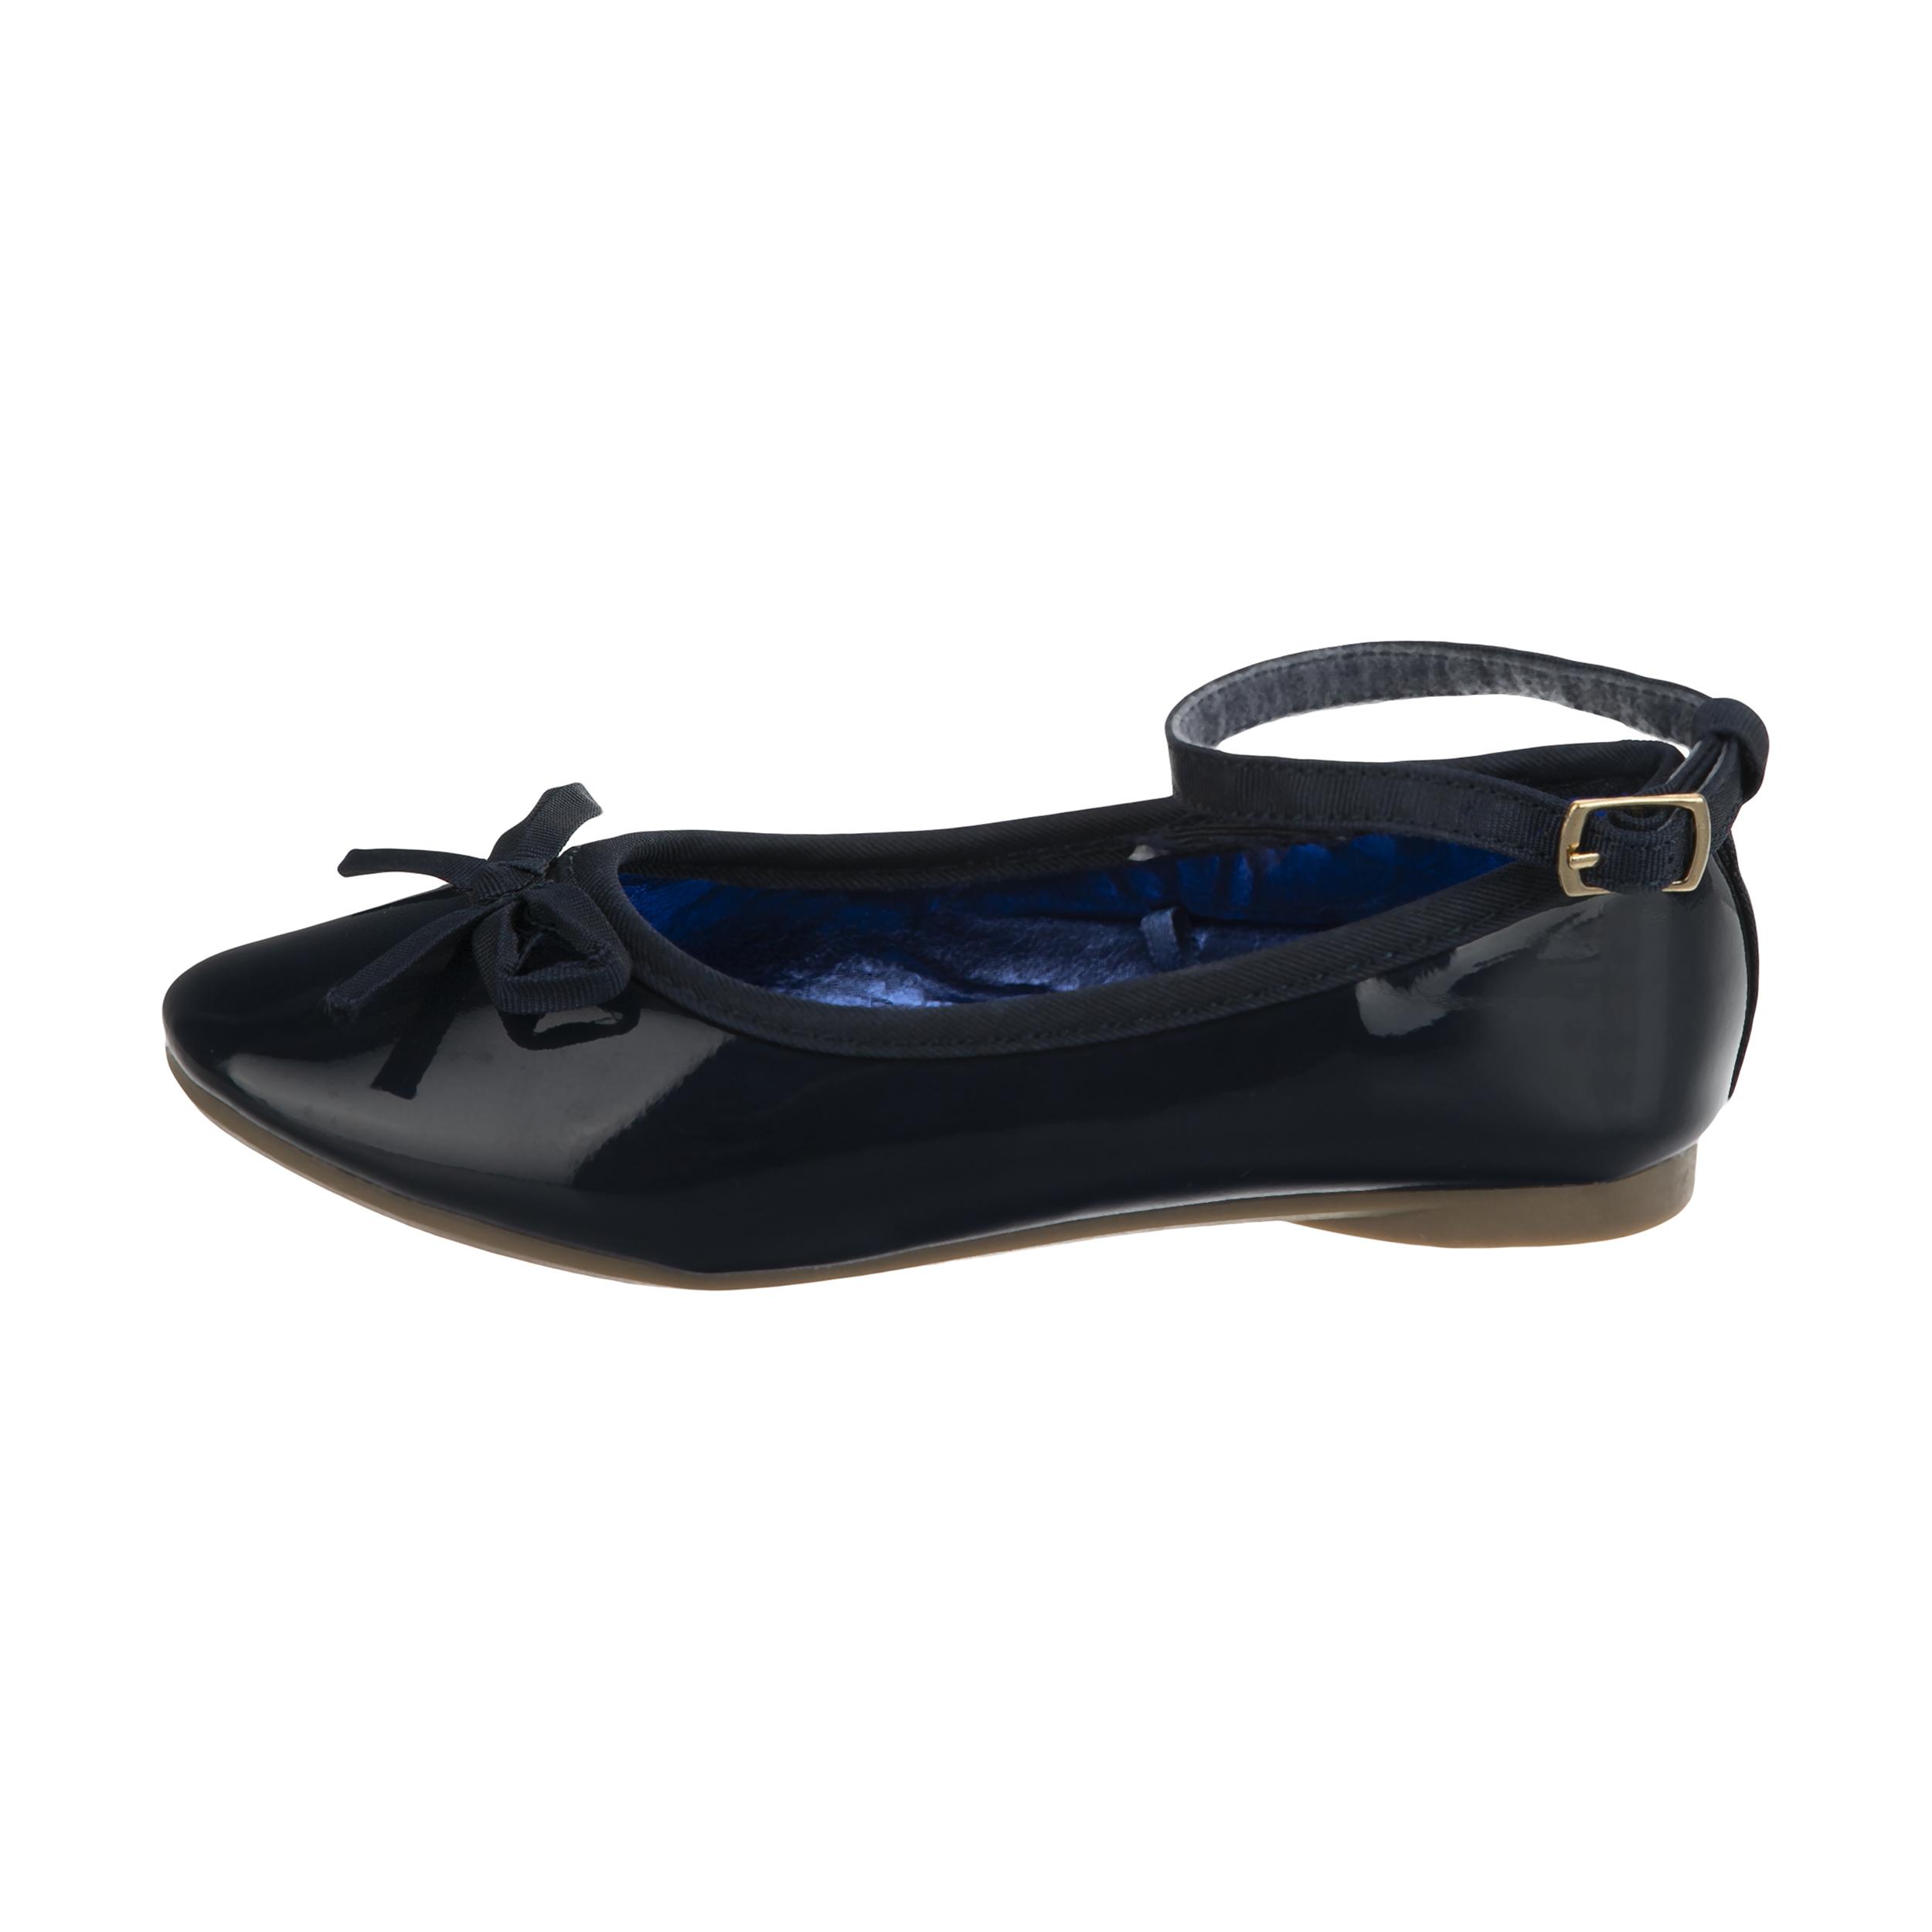 کفش دخترانه دبنهامز کد 2310108633